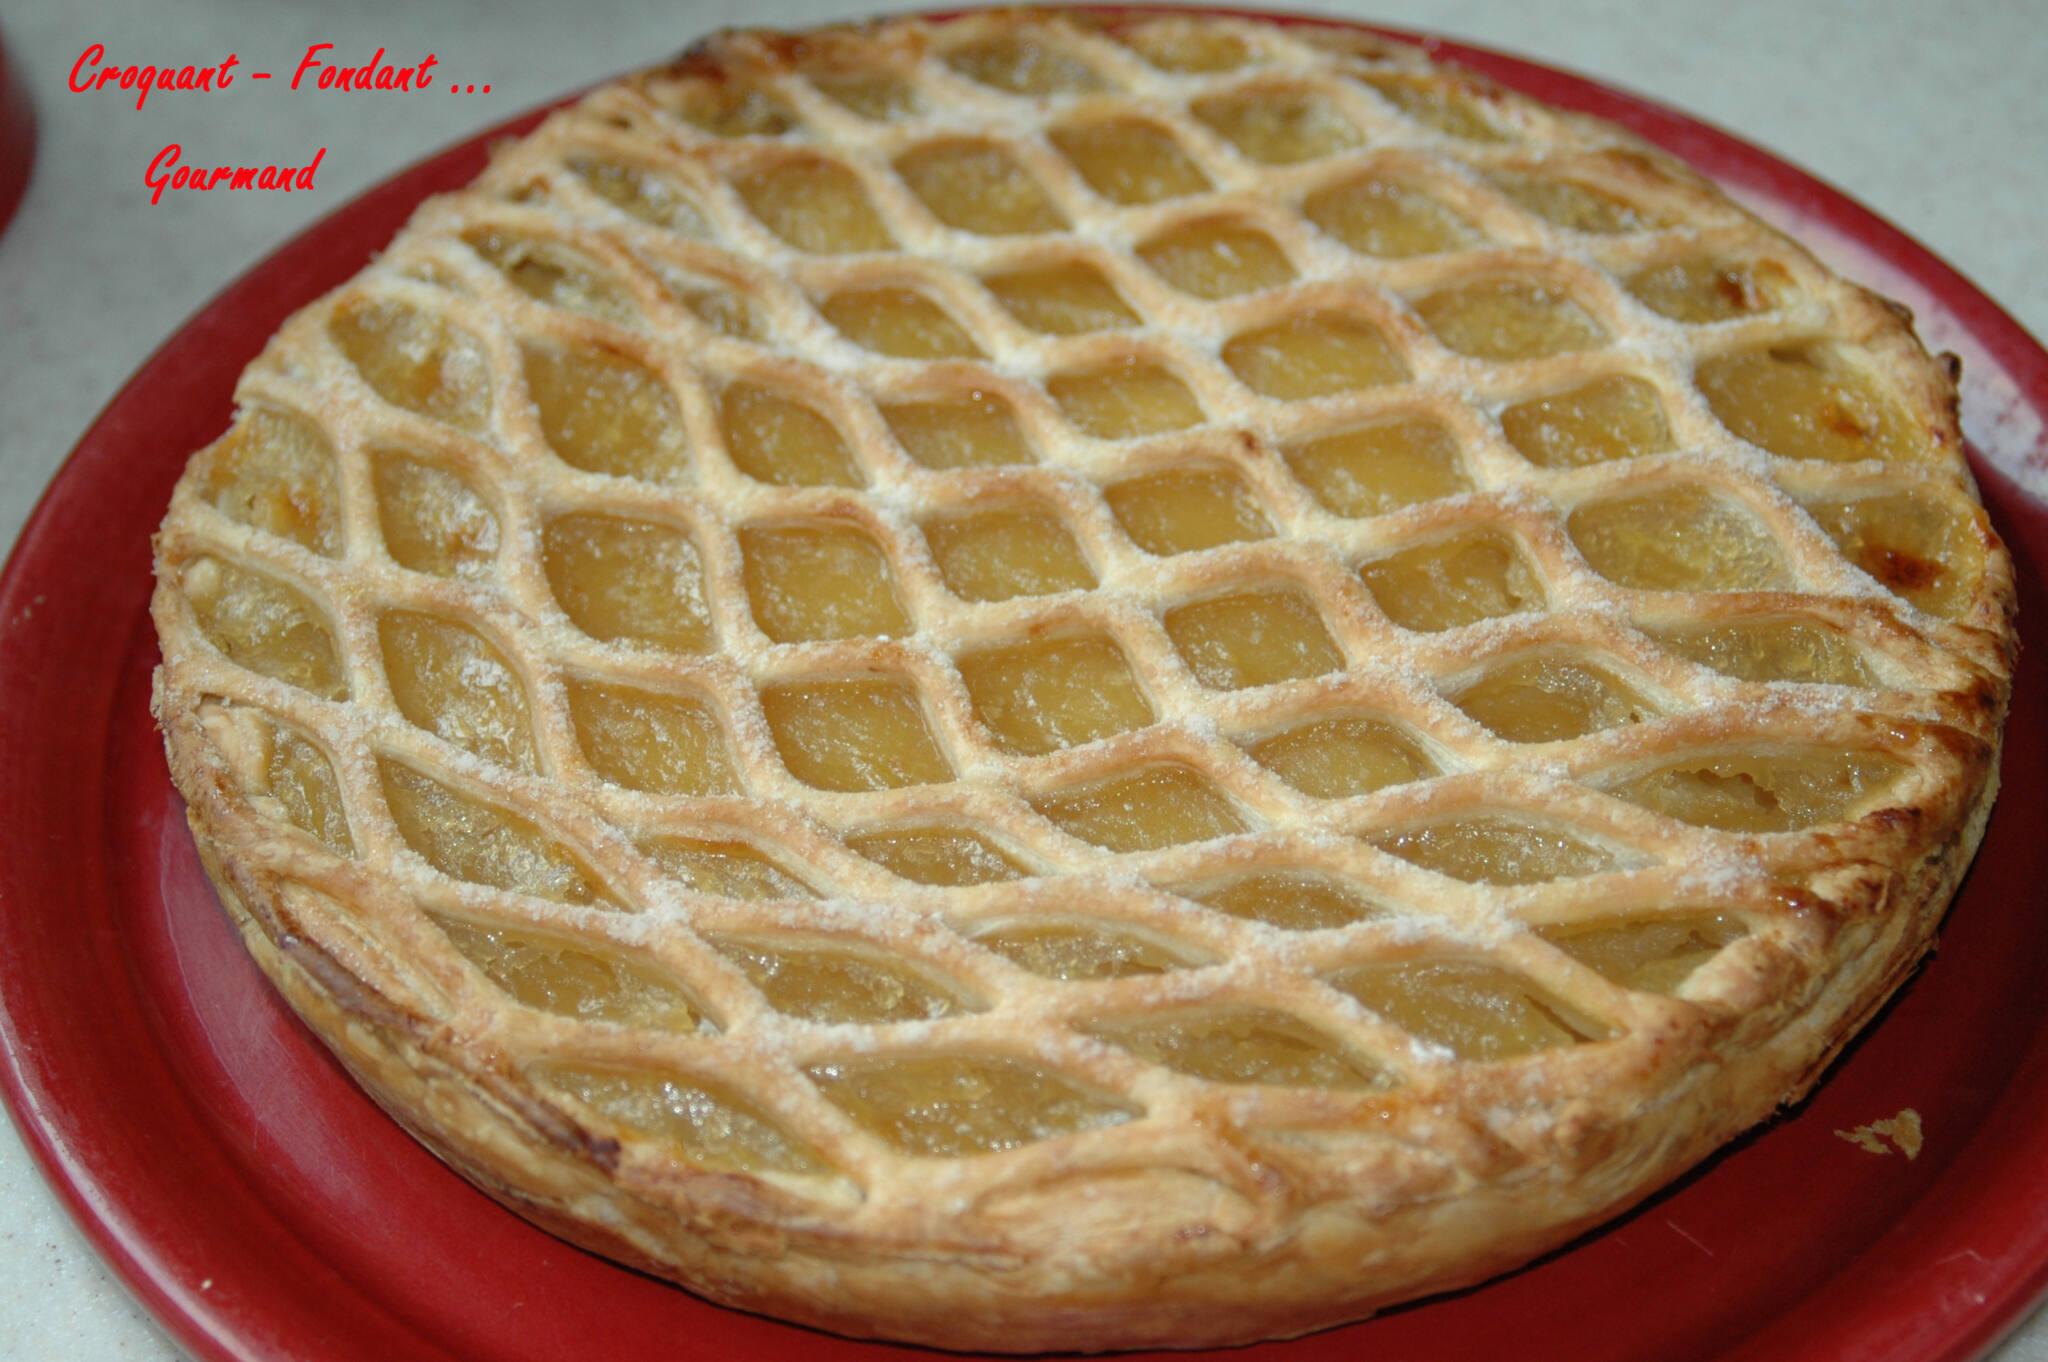 Tarte aux pommes grillag e croquant fondant gourmand - Tarte soleil aux pommes ...